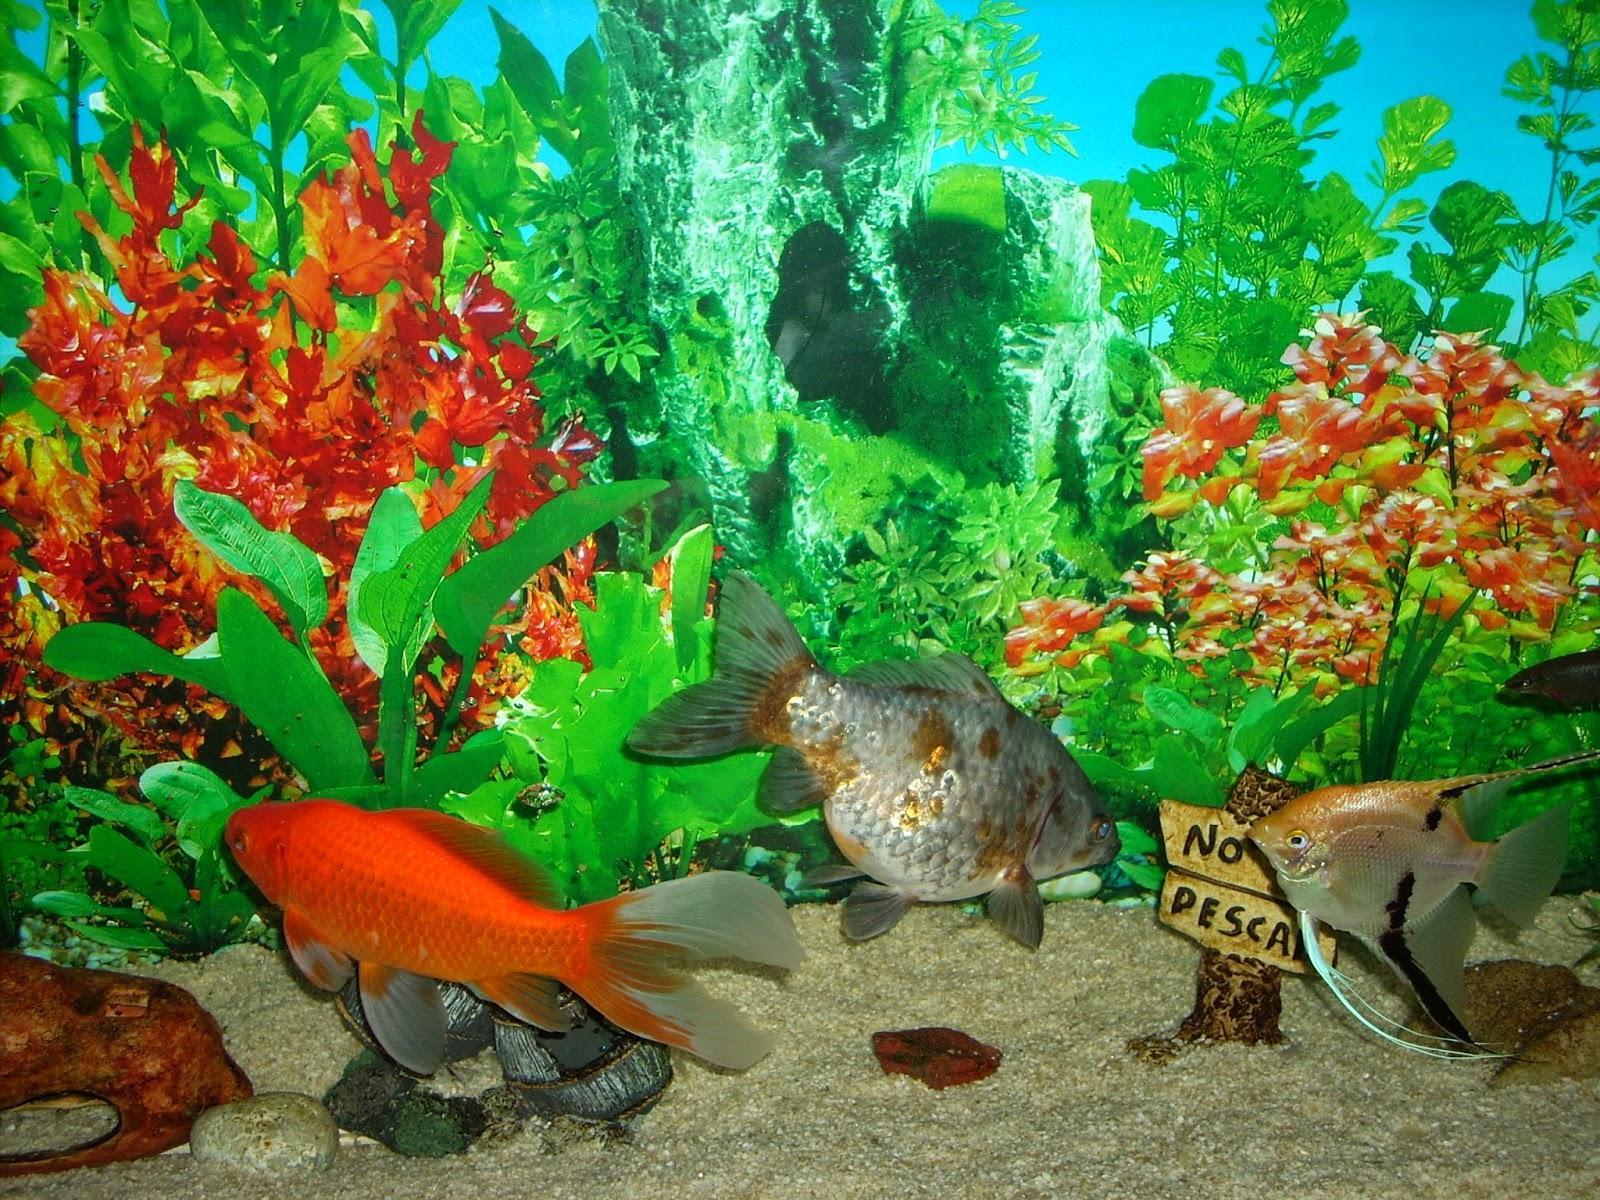 Acuarios decorpez abril 2014 for Todo para acuarios